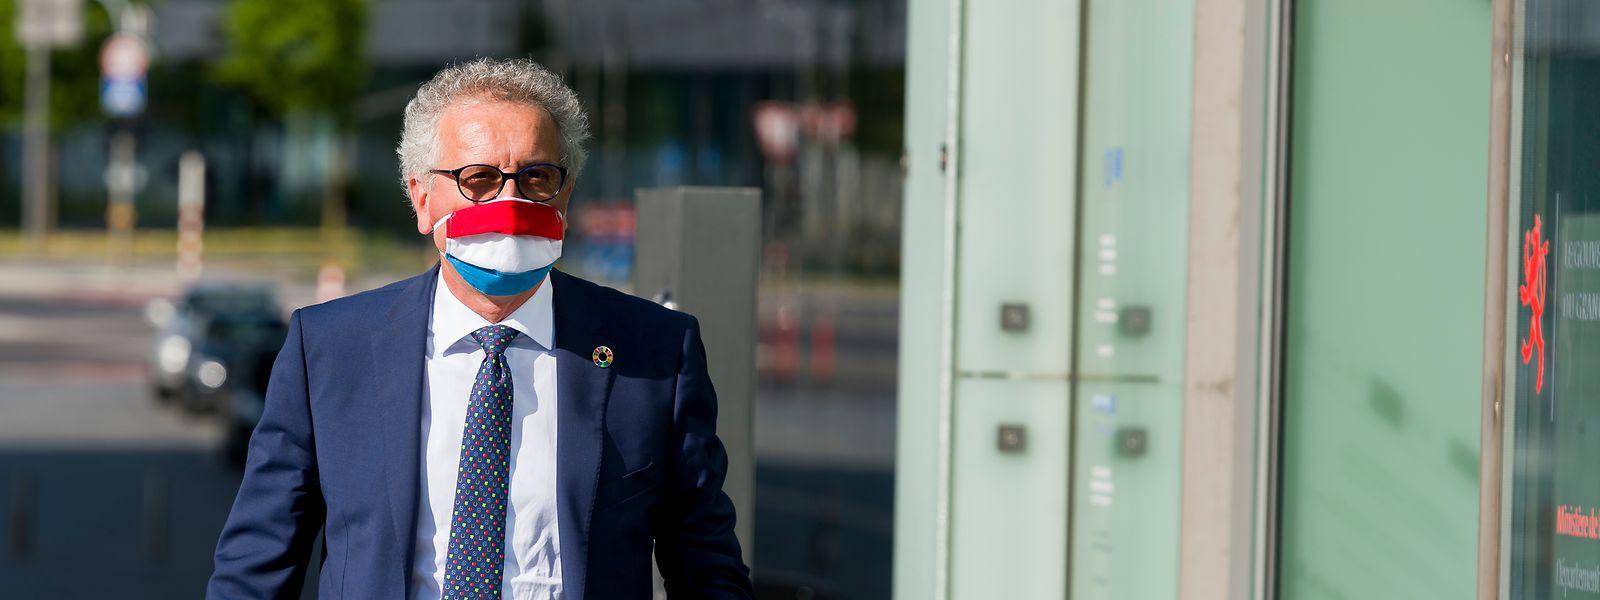 Cinq mois après avoir obtenu un premier emprunt de 2,5 milliards d'euros à taux négatif, Pierre Gramegna s'apprête à recevoir 1,5 milliard d'euros à taux négatif.